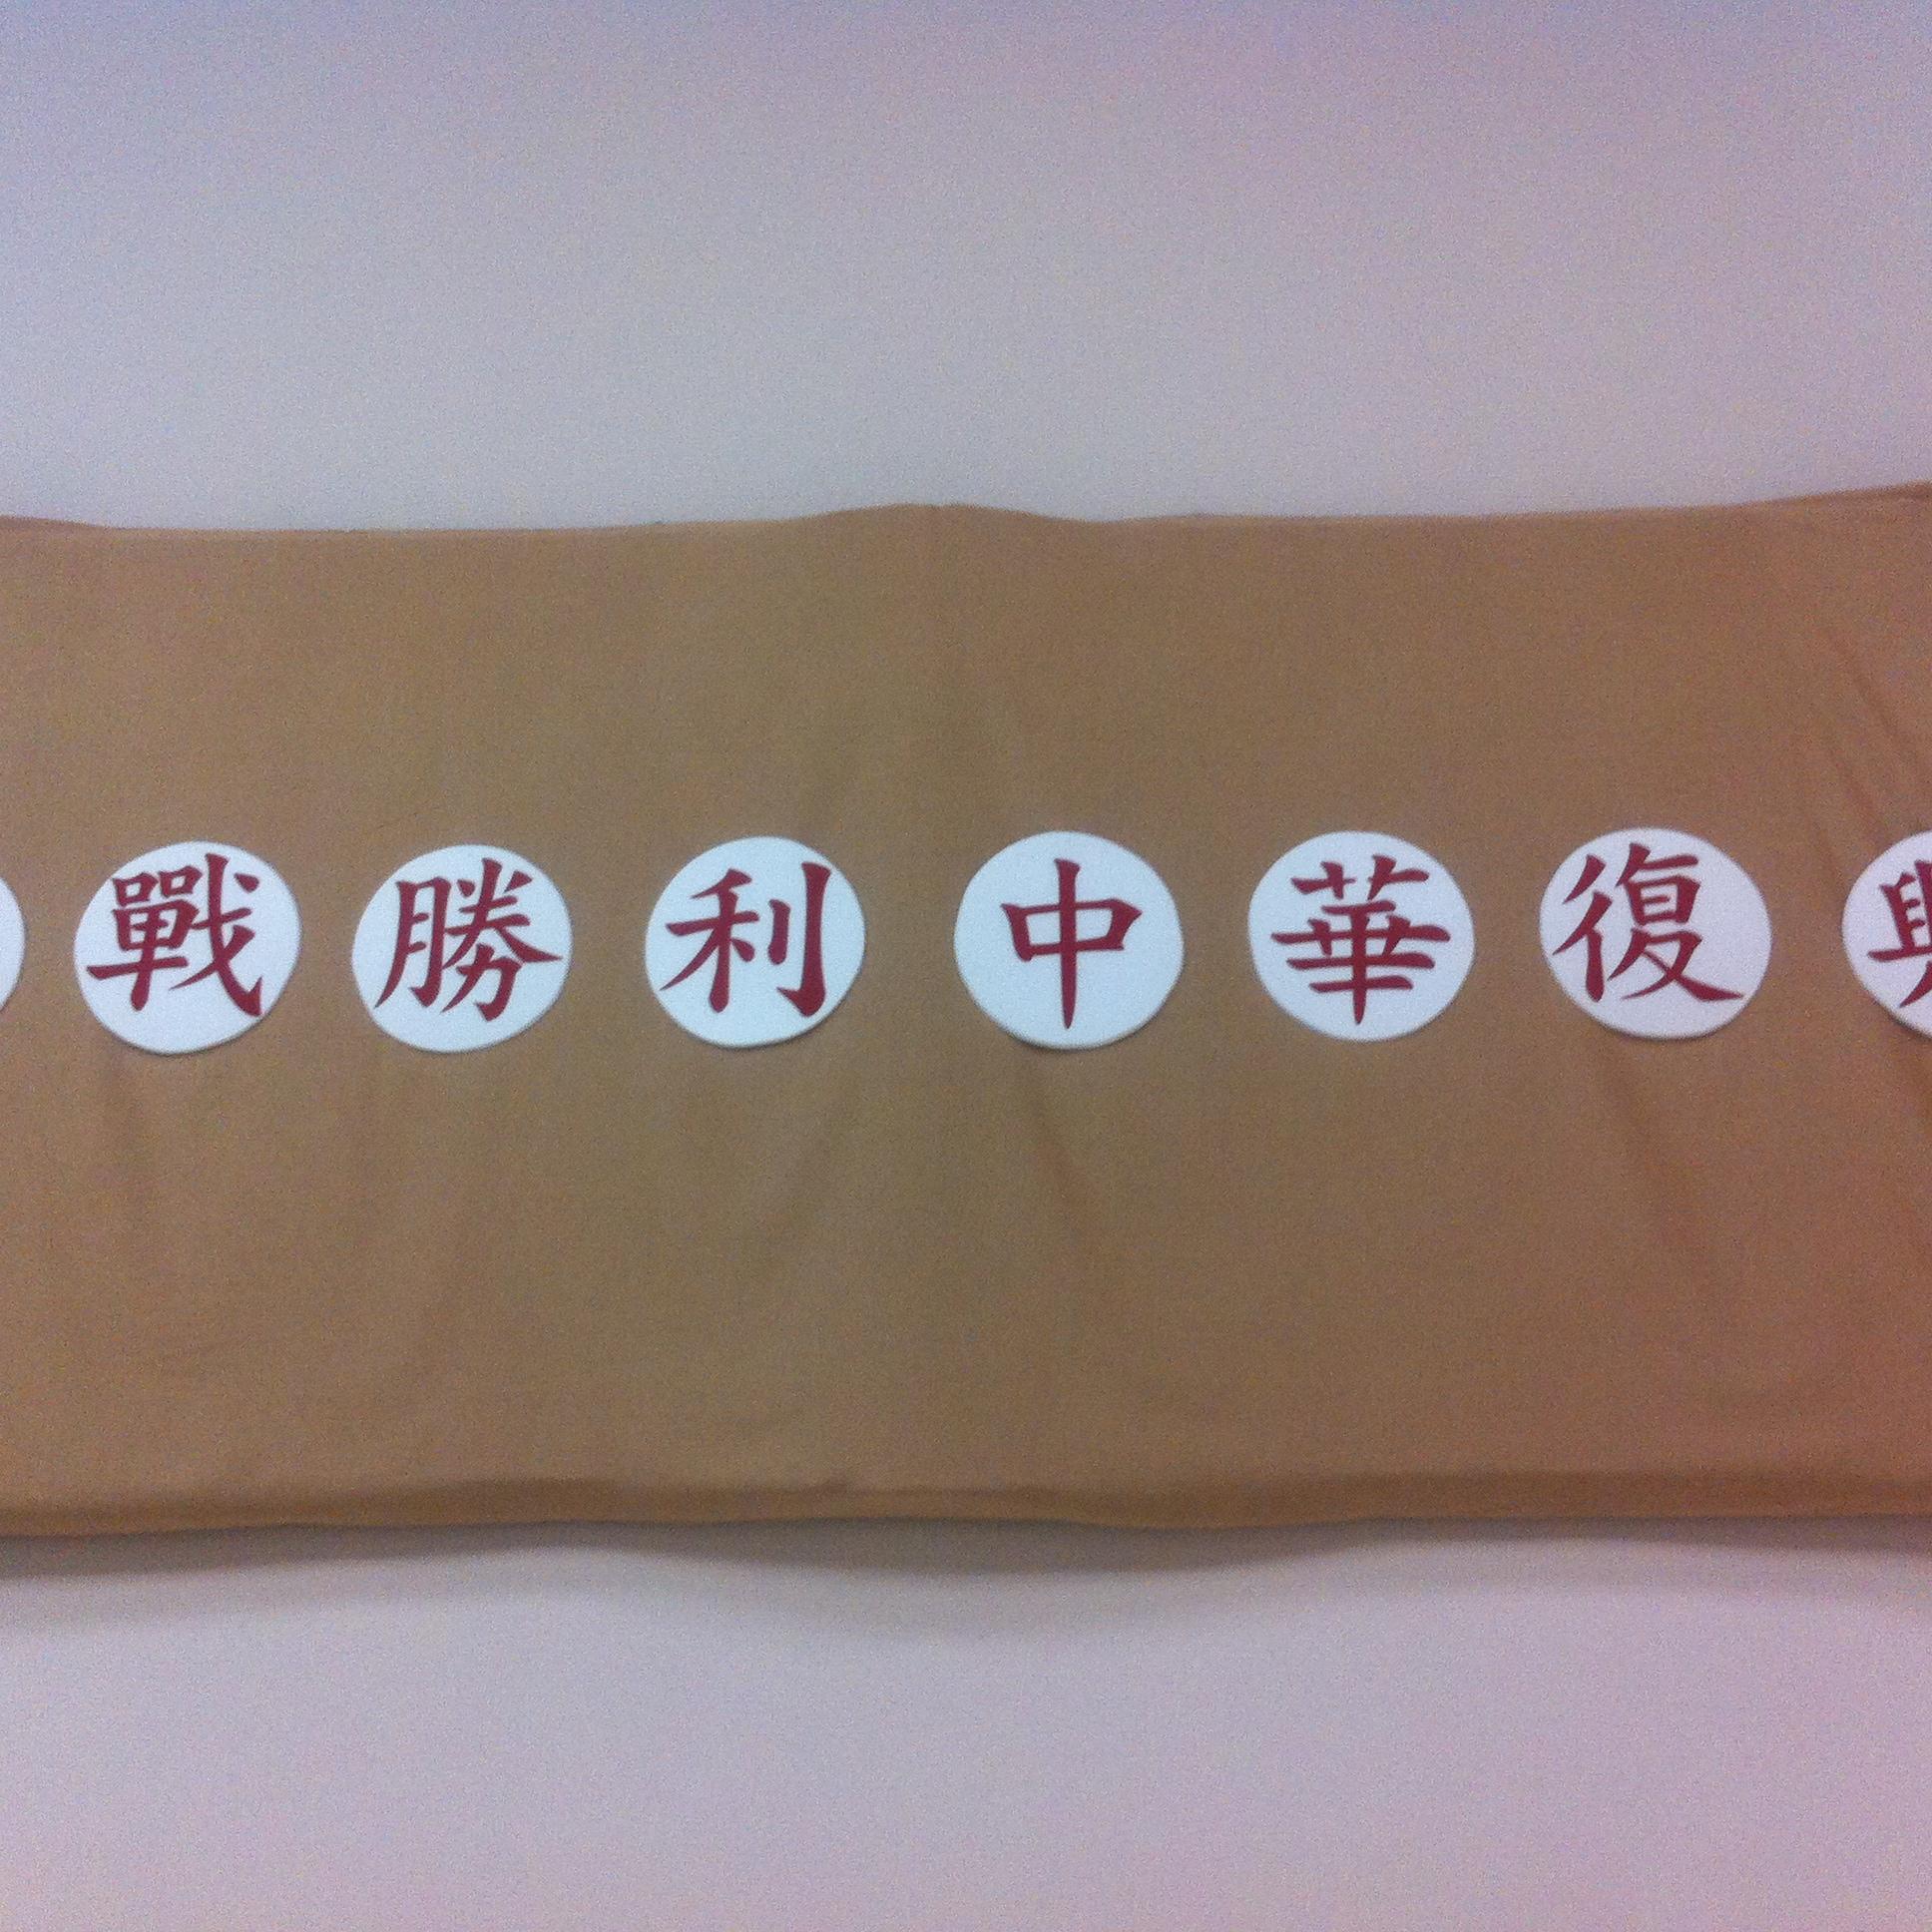 中華民国の抗日勝利70周年記念展